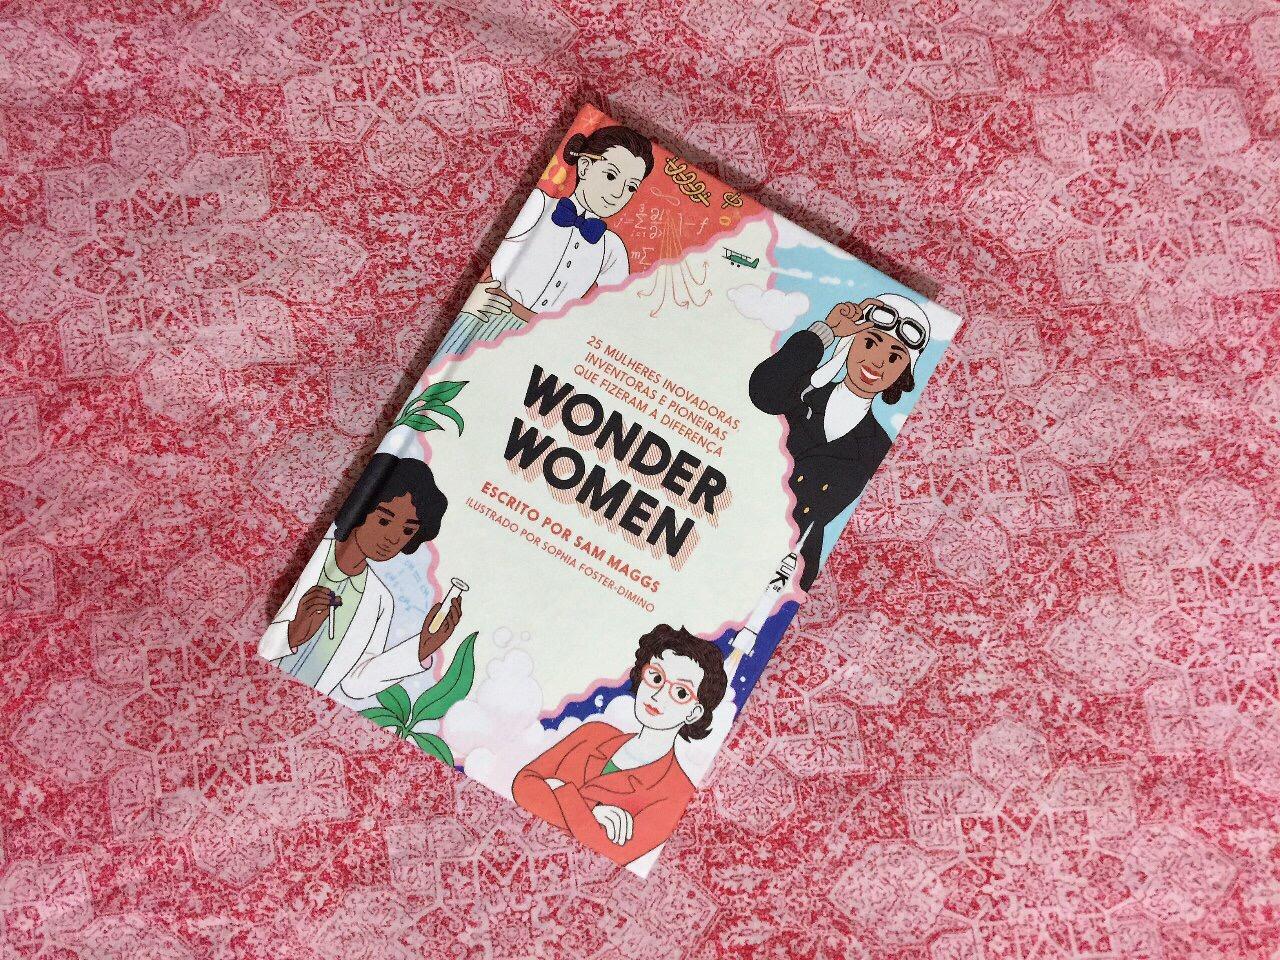 Wonder Woman - 25 mulheres inovadoras, inventoras e pioneiras que fizeram a diferença